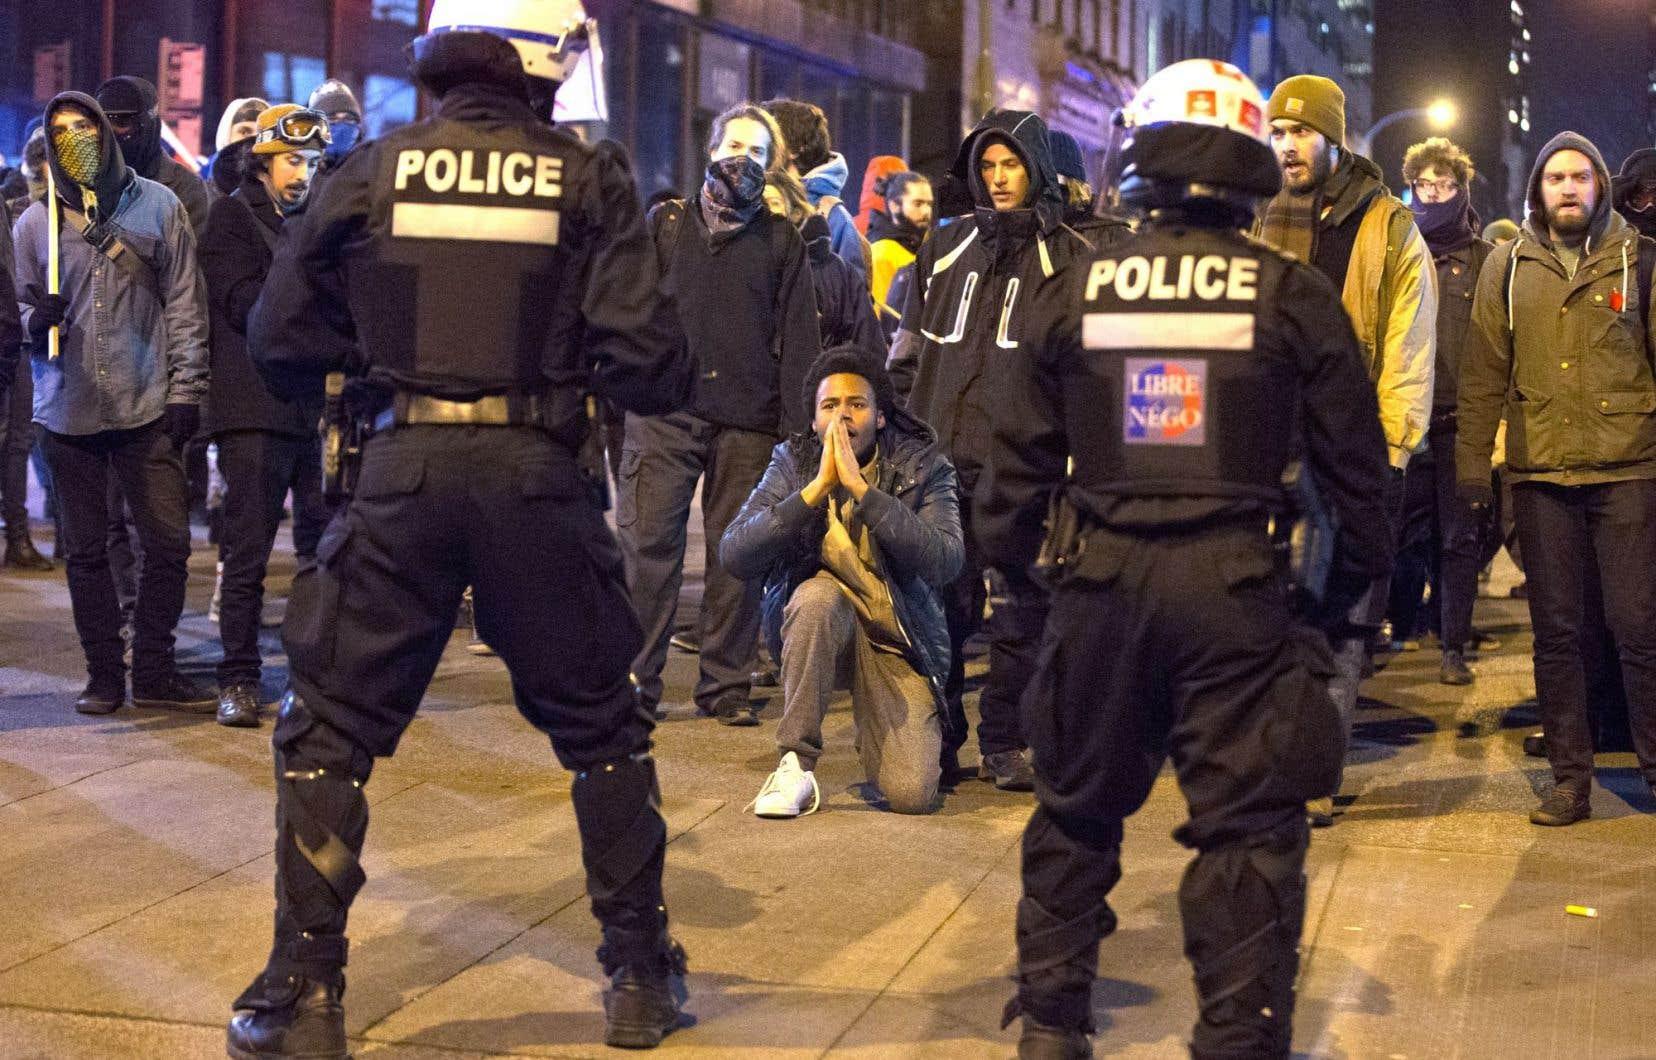 Matraques et gaz lacrymogènes ont mis fin à une manifestation mouvementée contre l'austérité, lundi soir à Montréal.